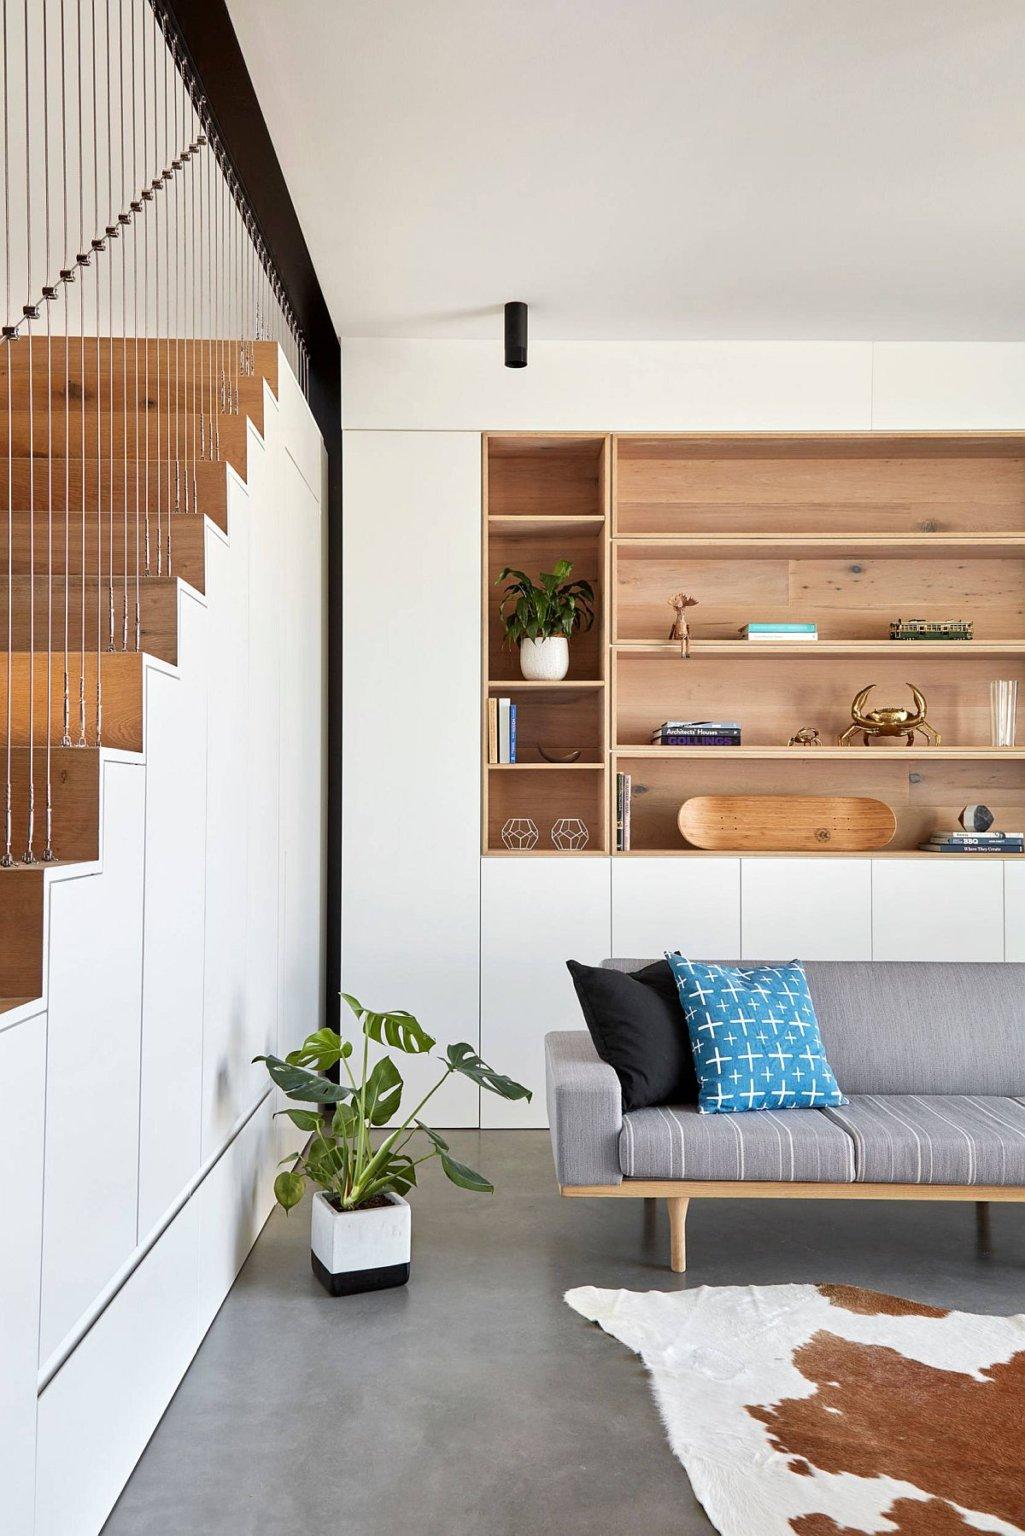 Hình ảnh một góc phòng khách màu trắng sử dụng kệ tủ gỗ lưu trữ, cạnh đó là cầu thang